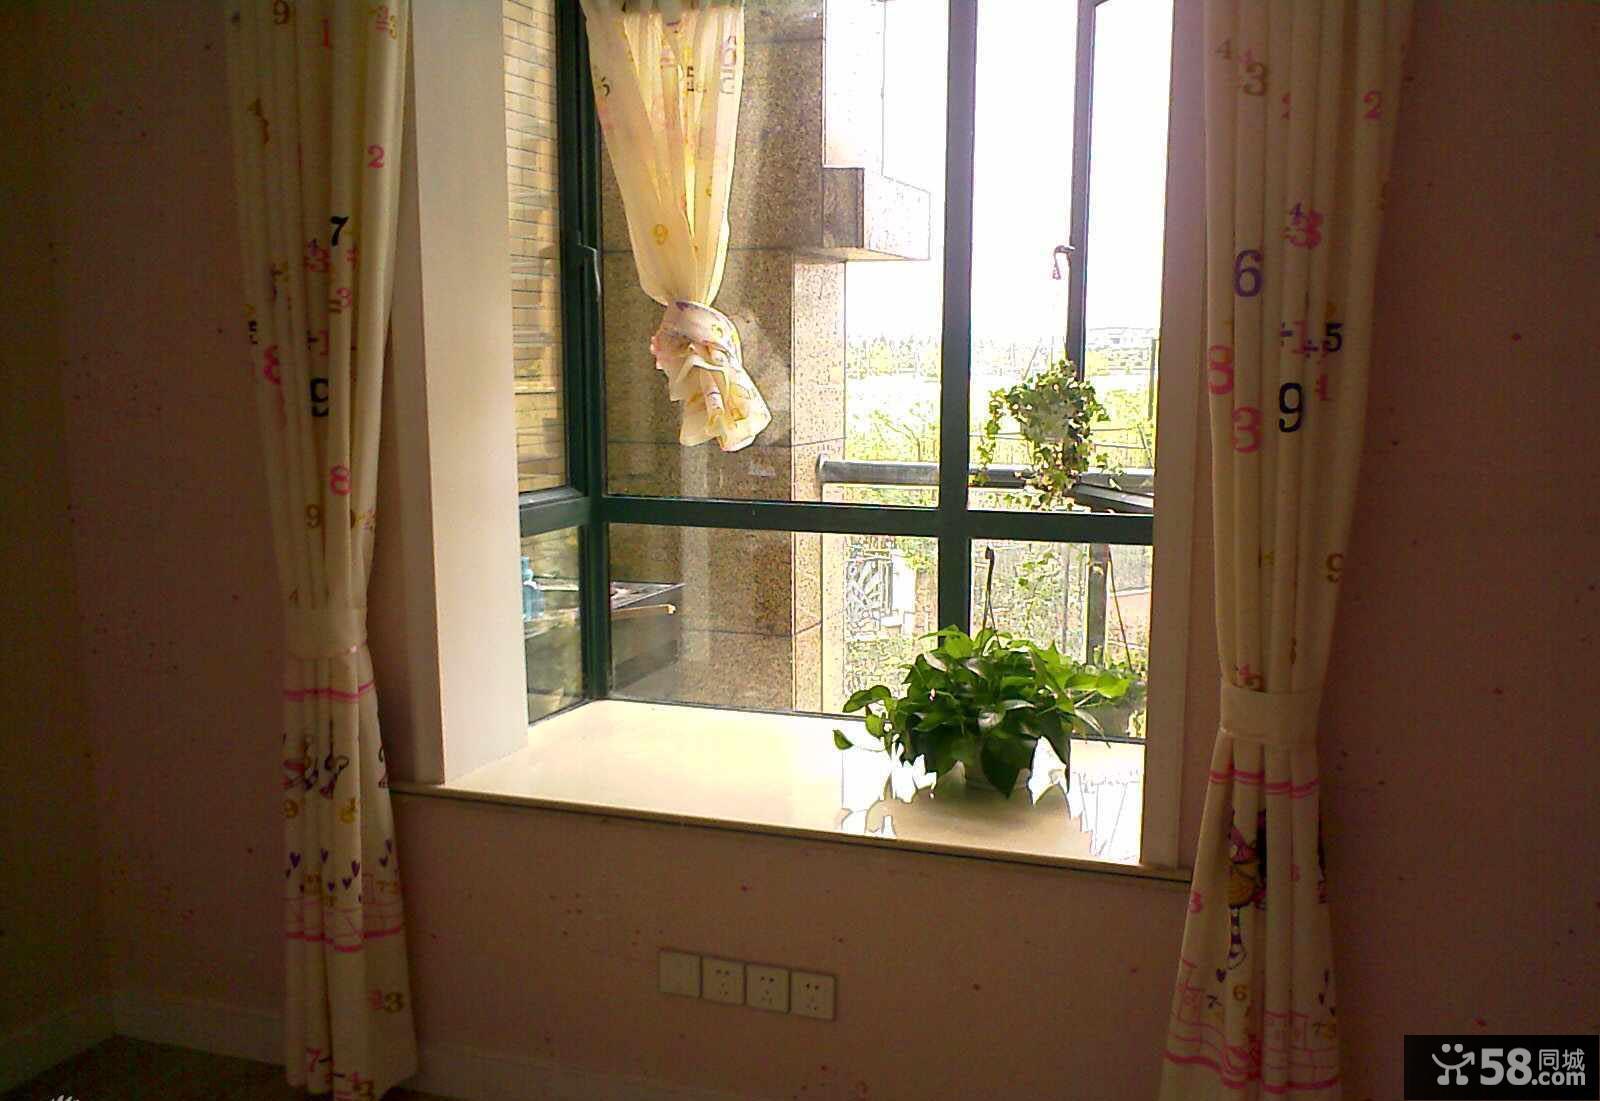 【室内飘窗设计】 - 58同城装修效果图大全